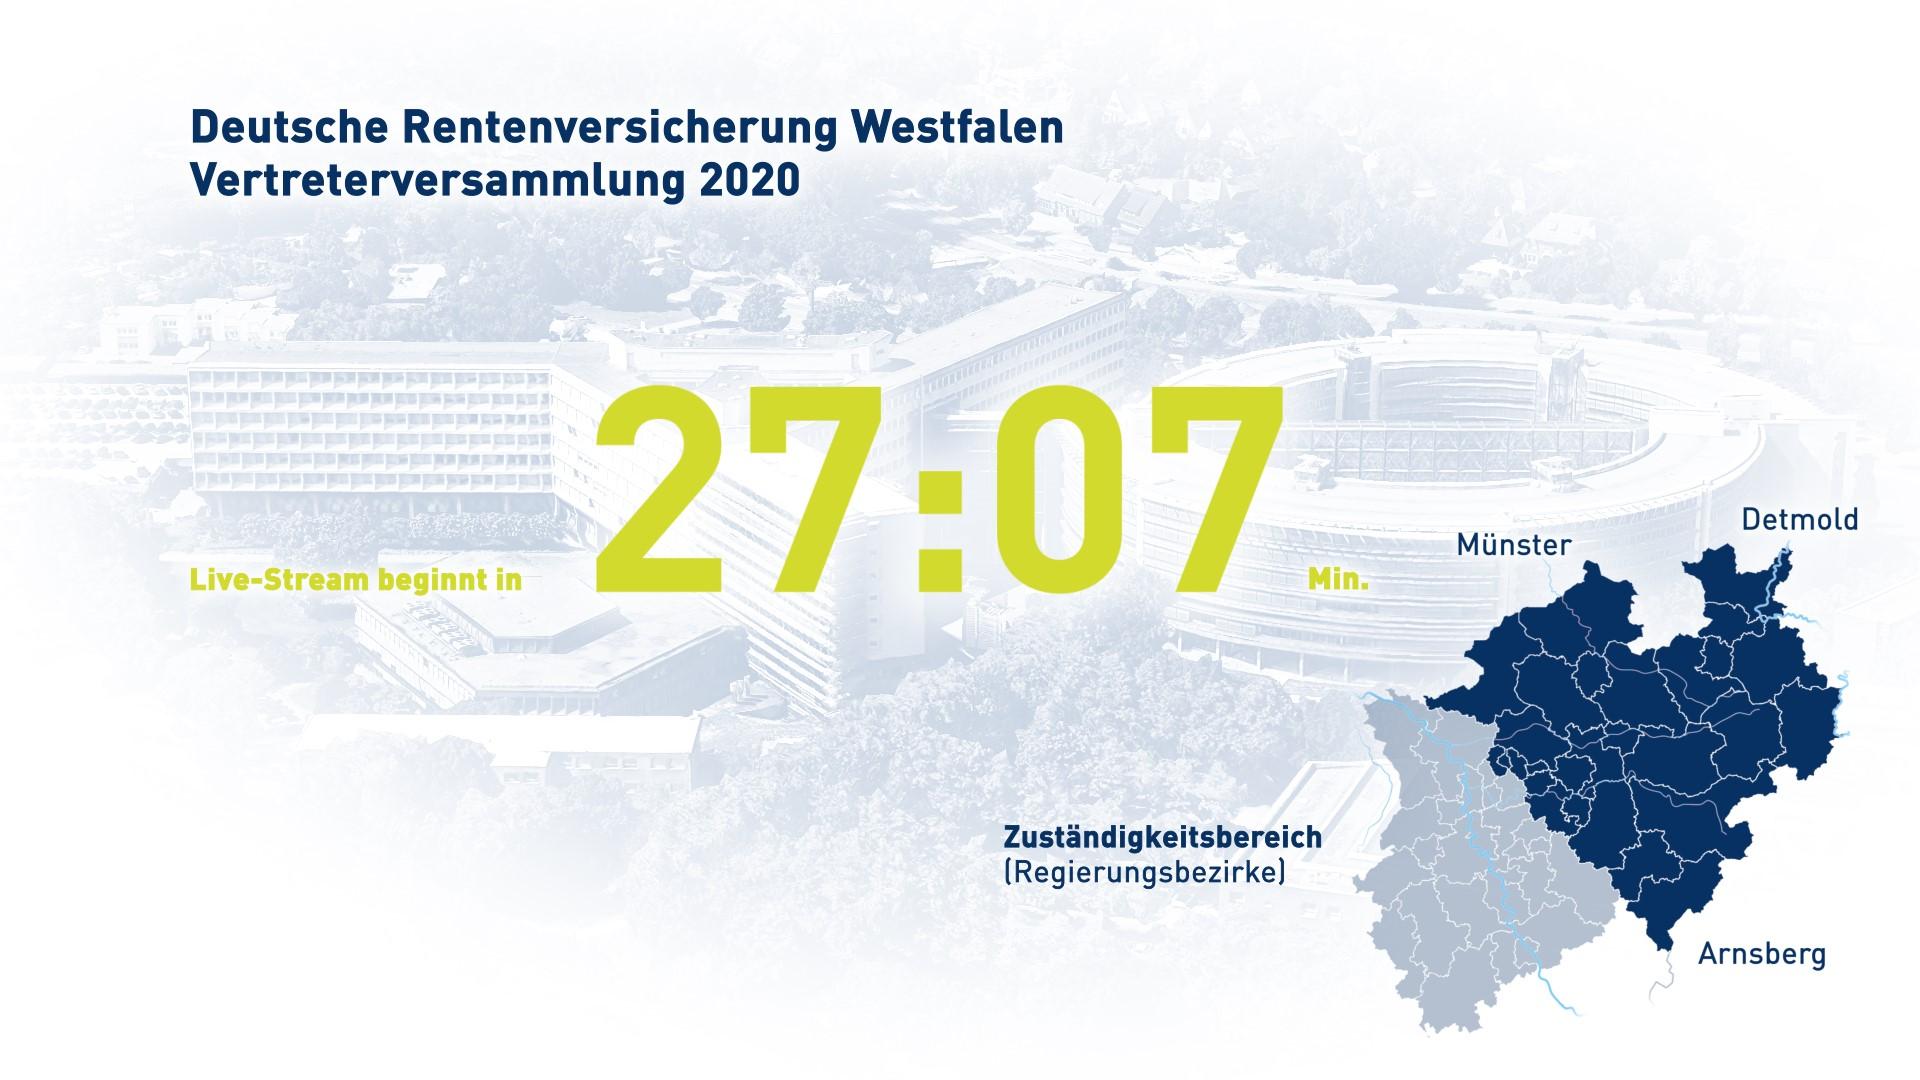 Streaming-Countdown für die Vertreterversammlung der Deutschen Rentenversicherung Westfalen